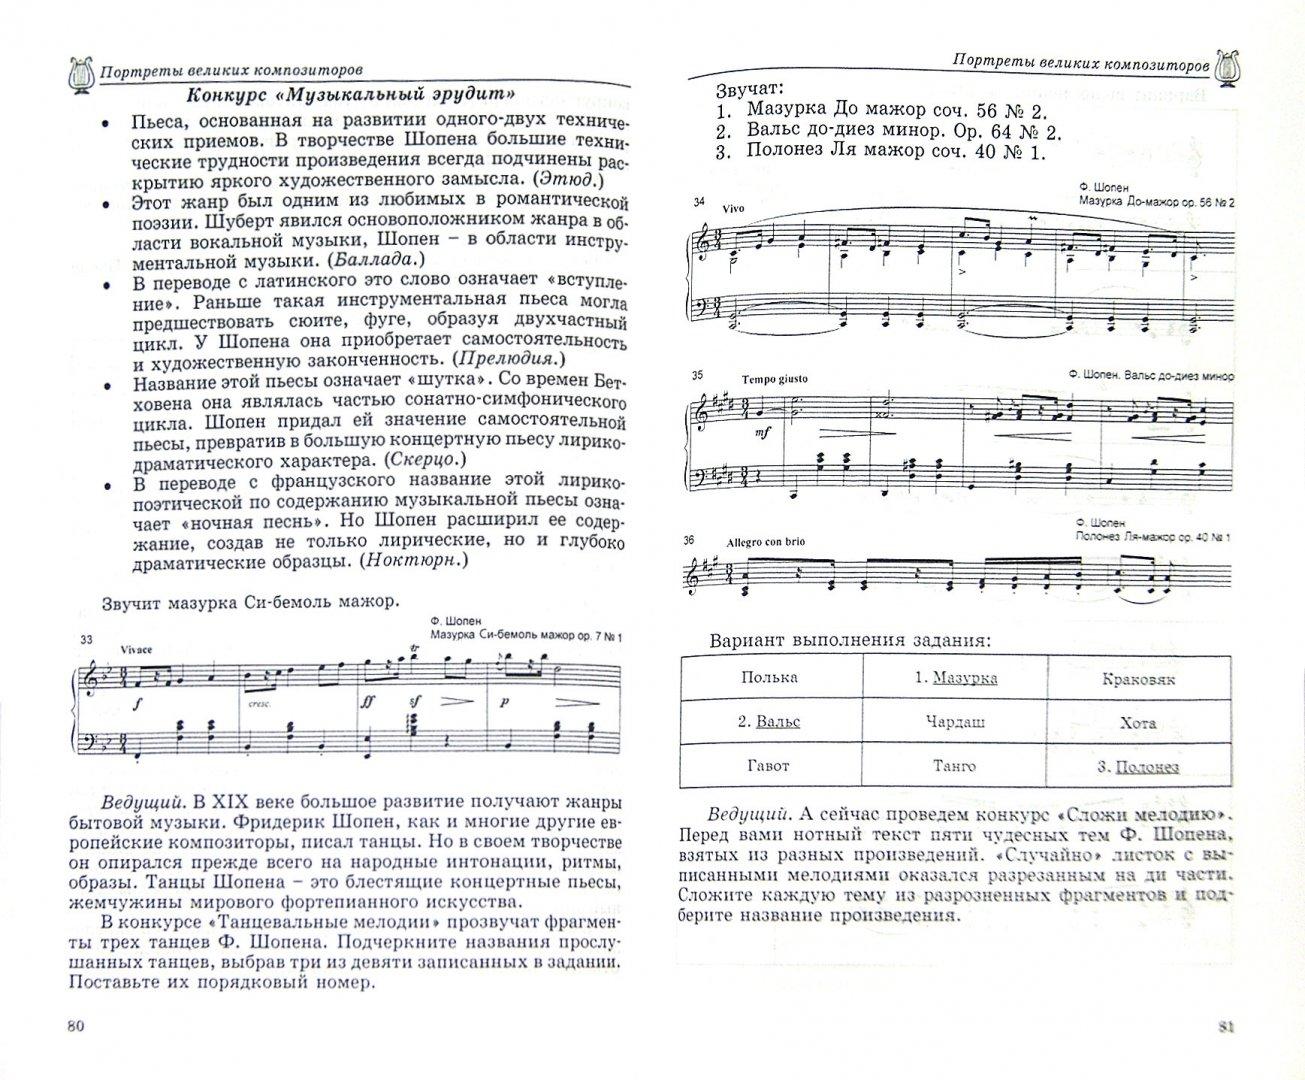 Иллюстрация 1 из 8 для Музыкально-интеллектуальные викторины для детей 11-14 лет. Пособие для детских музыкальных школ - Елена Ковалева | Лабиринт - книги. Источник: Лабиринт